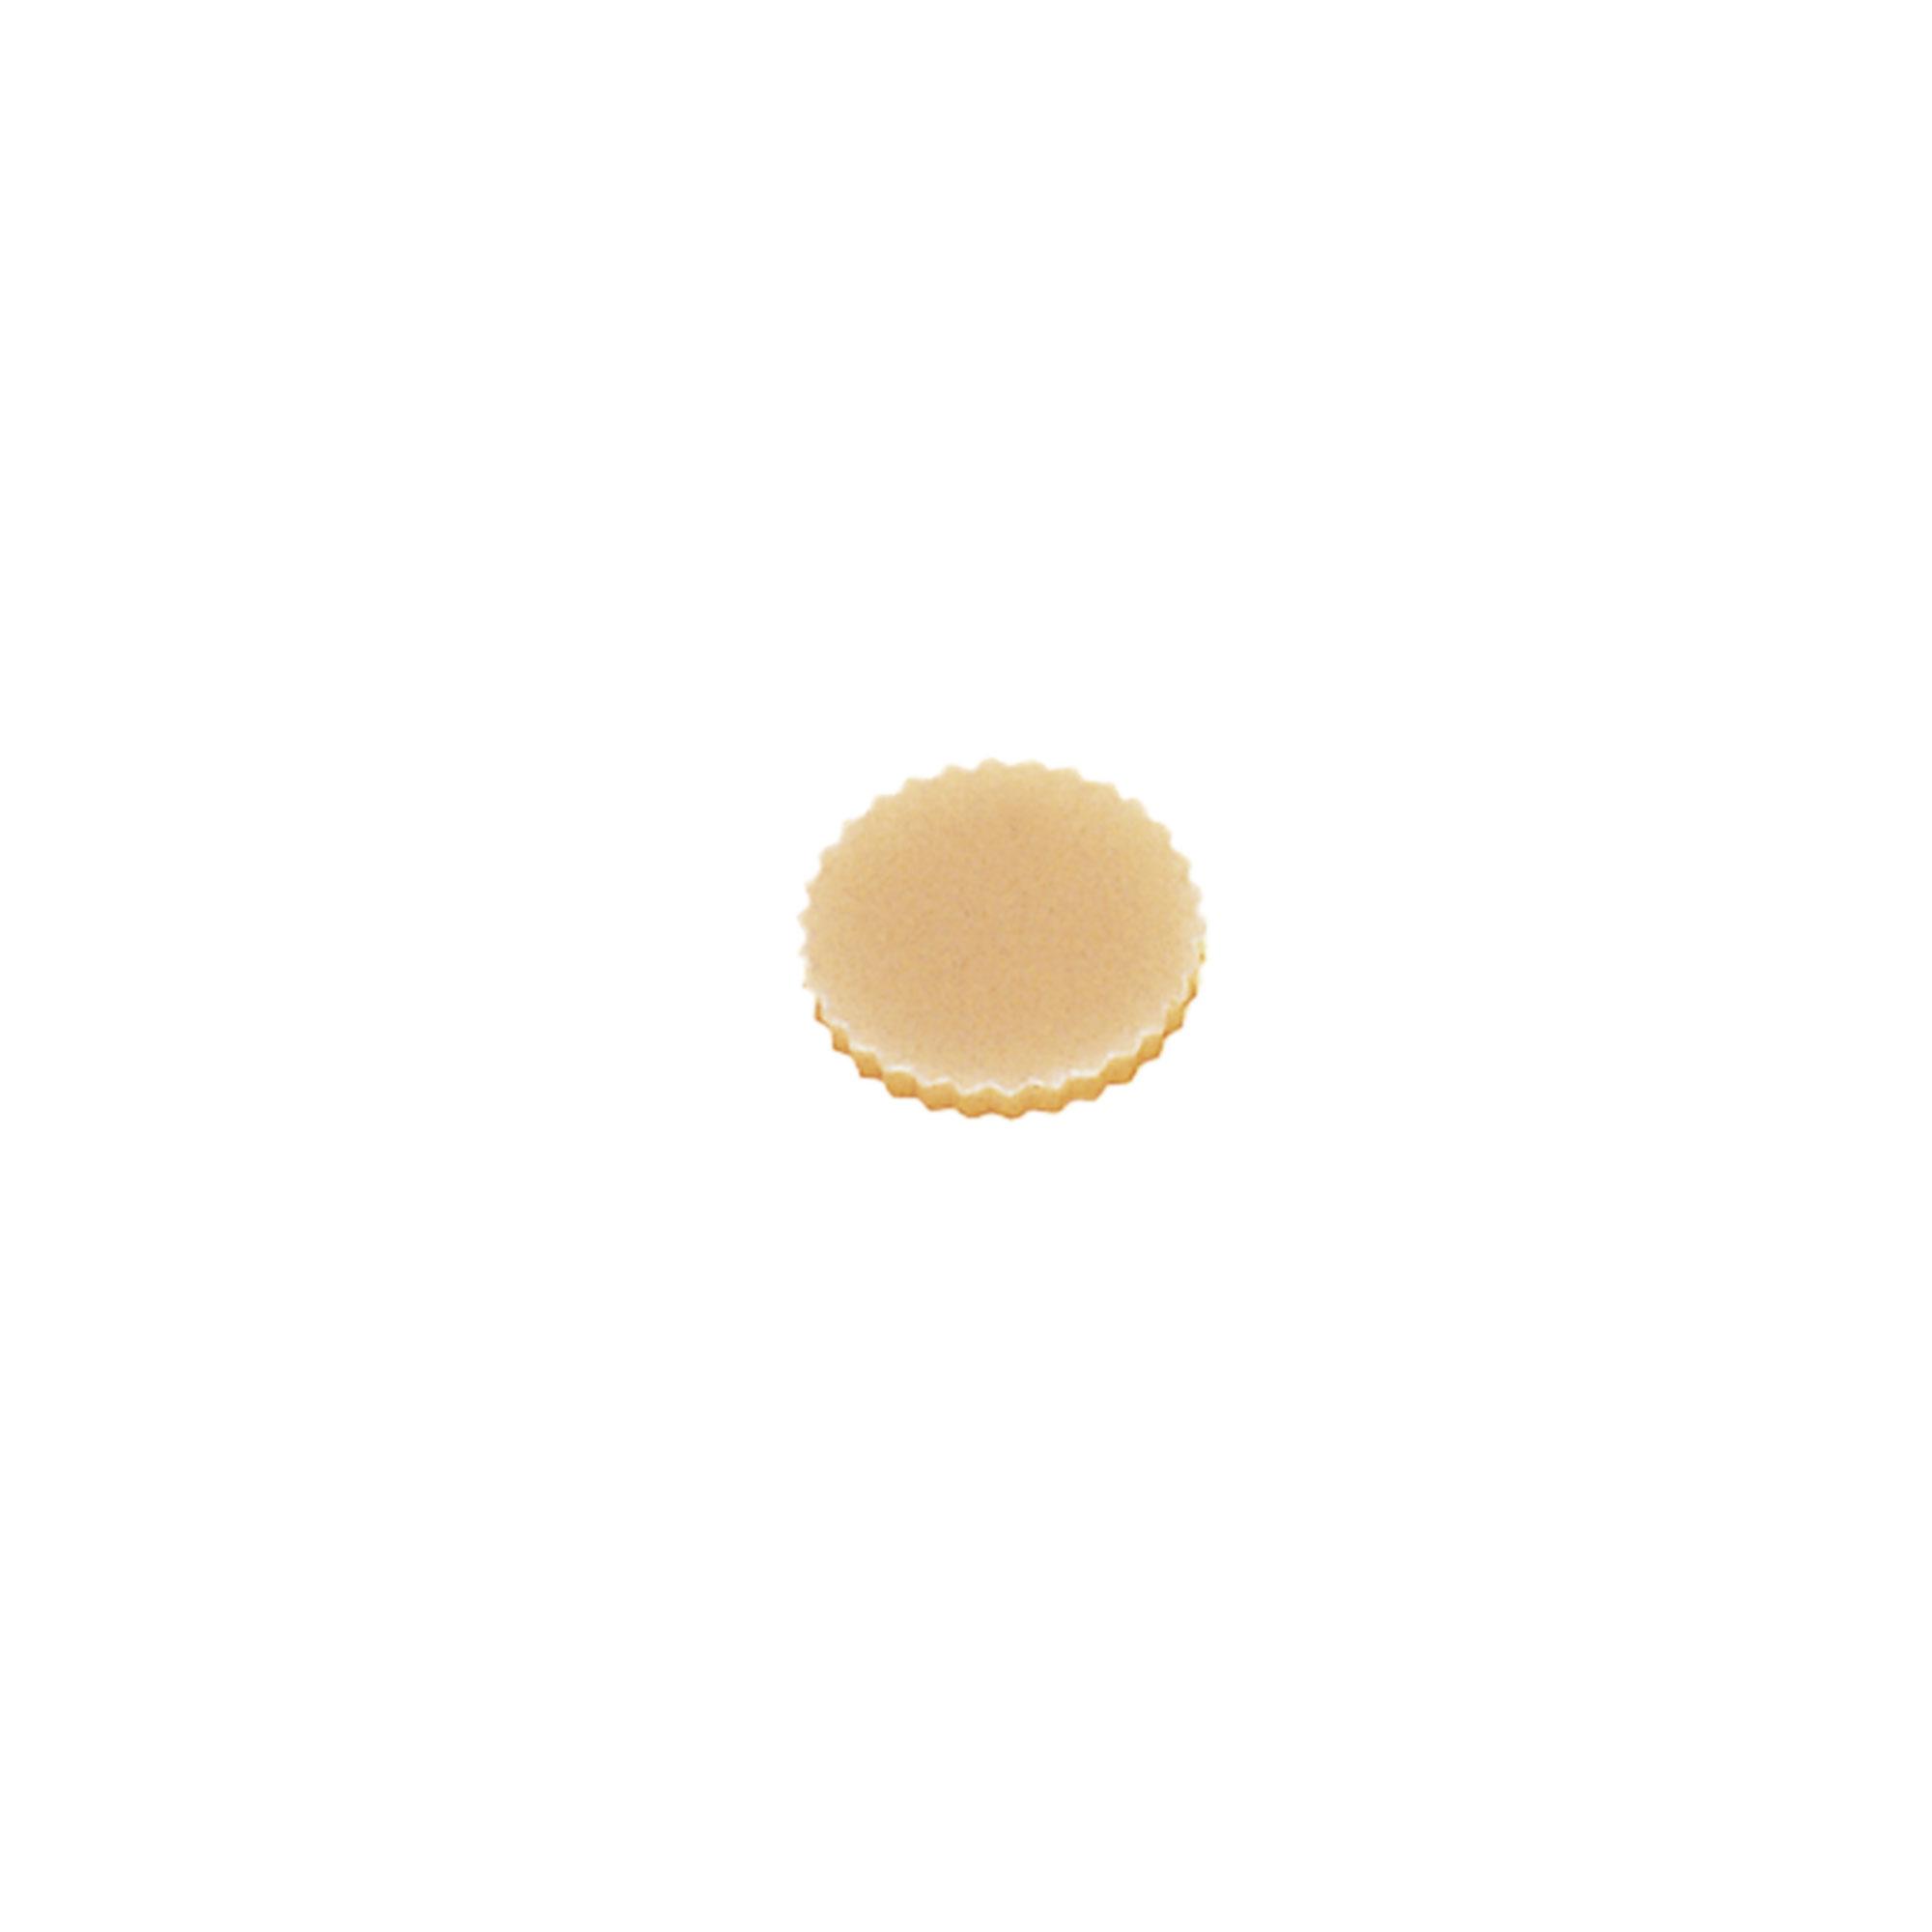 ねじ口びんパッキン 黒キャップ用 SI GL-25(10個) 柴田科学(SIBATA) アイリスDASH!ペーパー